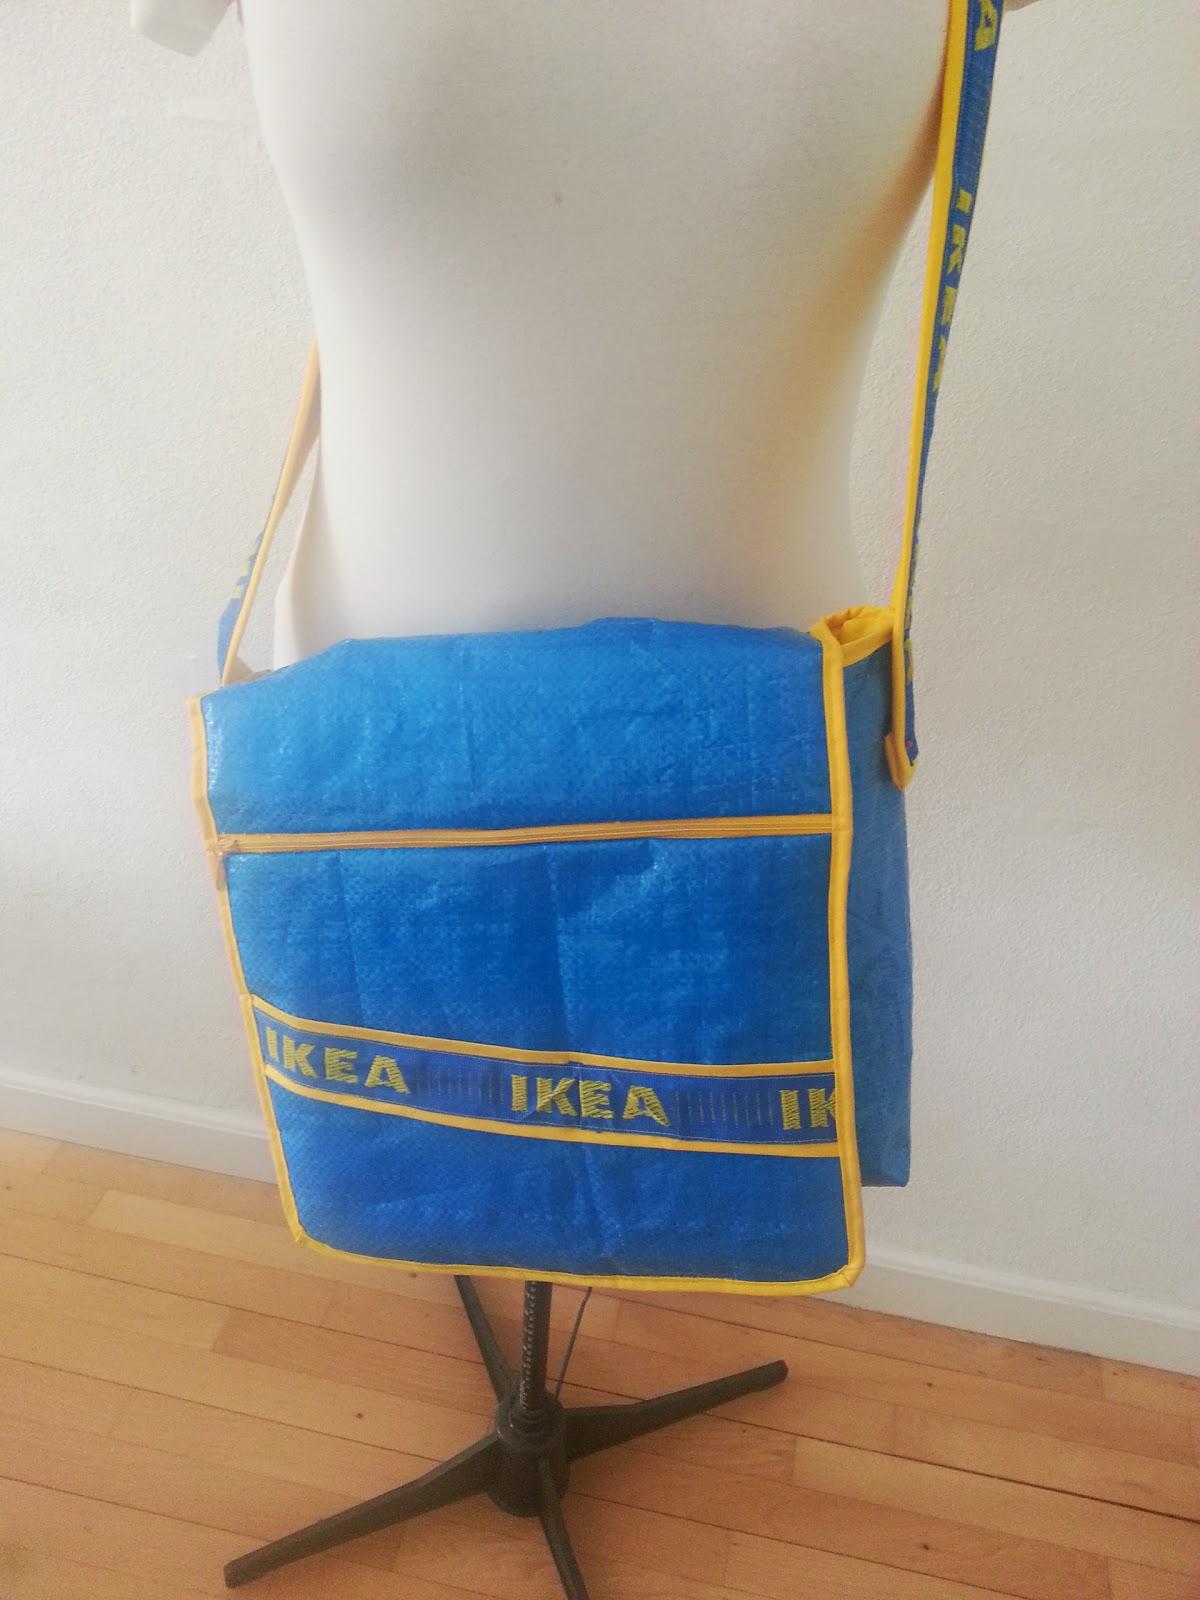 Ikea poser med lynlås